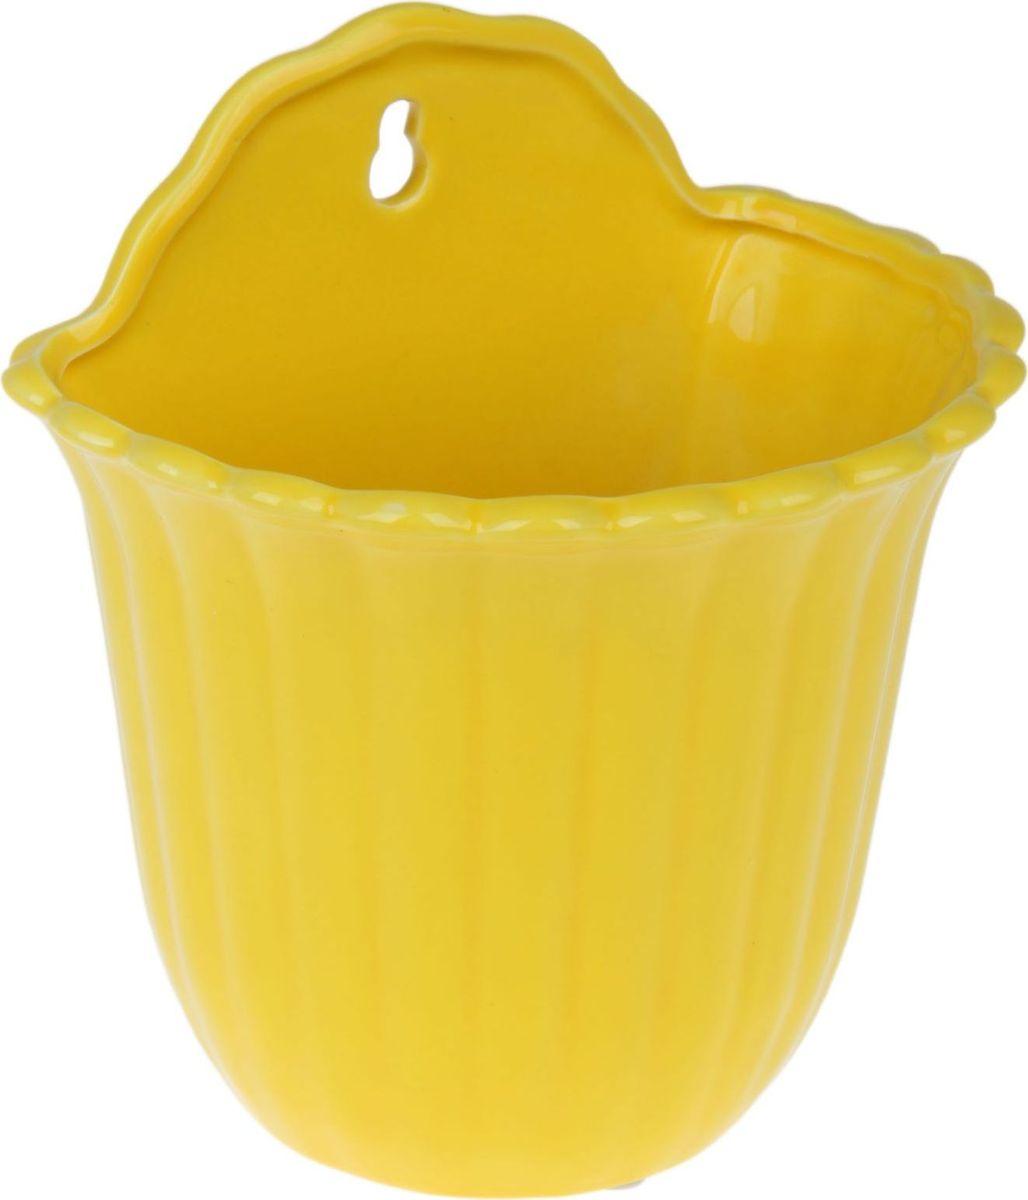 Кашпо Константа, цвет: желтый, 16 х 12 х 19 см531-401Большинство людей любит комнатные растения: они радуют глаз, насыщают помещение кислородом и украшают пространство.Но каждому растению необходимо своё удобное и красивое место. Настенные кашпо — это ещё и оригинальный способ украшения помещений. Особенно выигрышно они смотрятся в экстерьере: на террасах и в беседках.Кашпо настенное Константа жёлтое, изогнутый край позаботится о растении, освежит окружающее пространство и подчеркнёт его стиль.